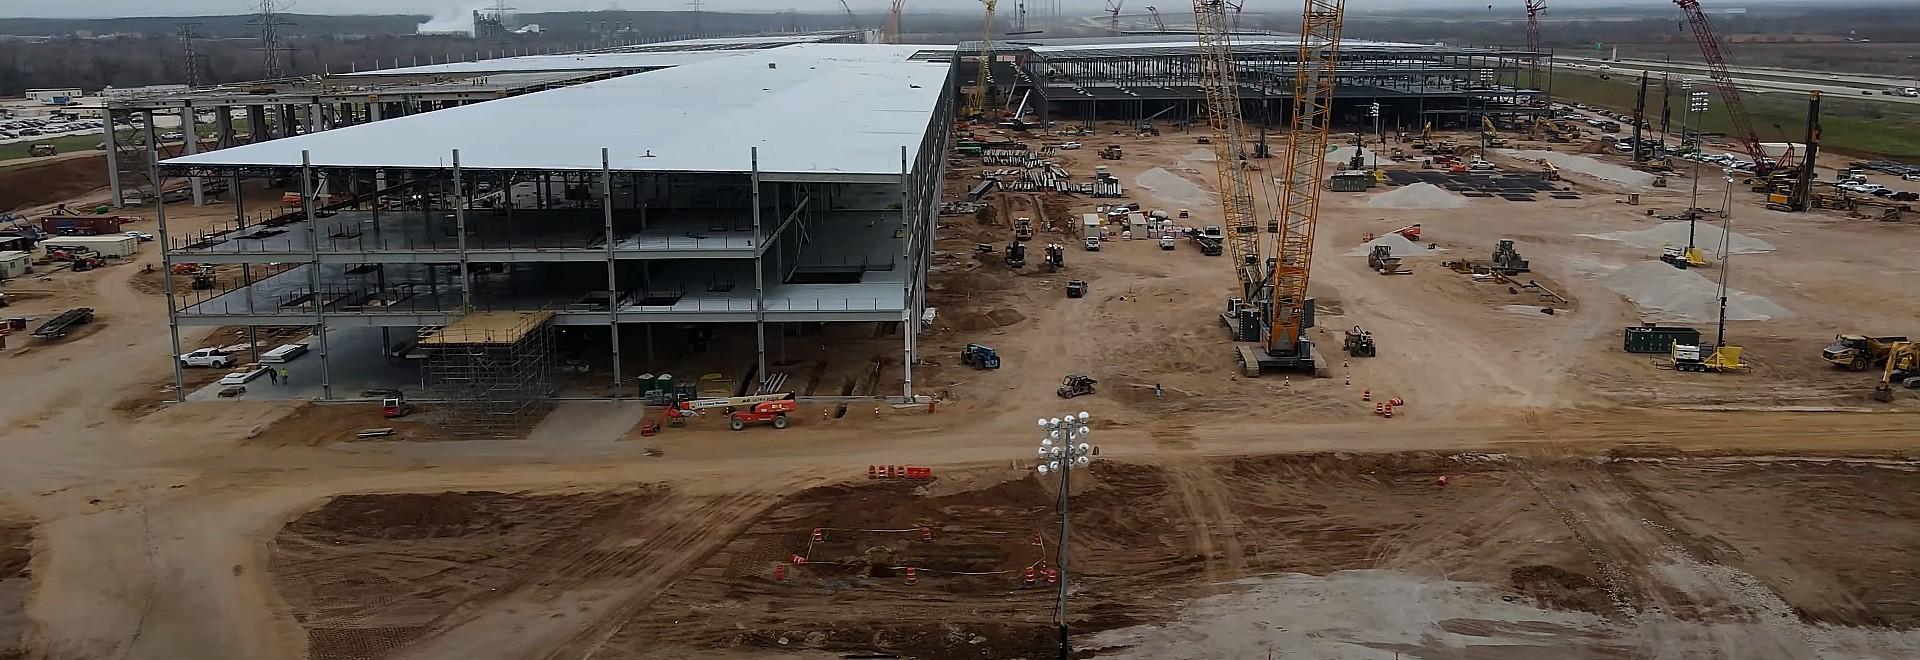 Производство Tesla Giga Texas приближается с появлением оборудования для покрасочных цехов